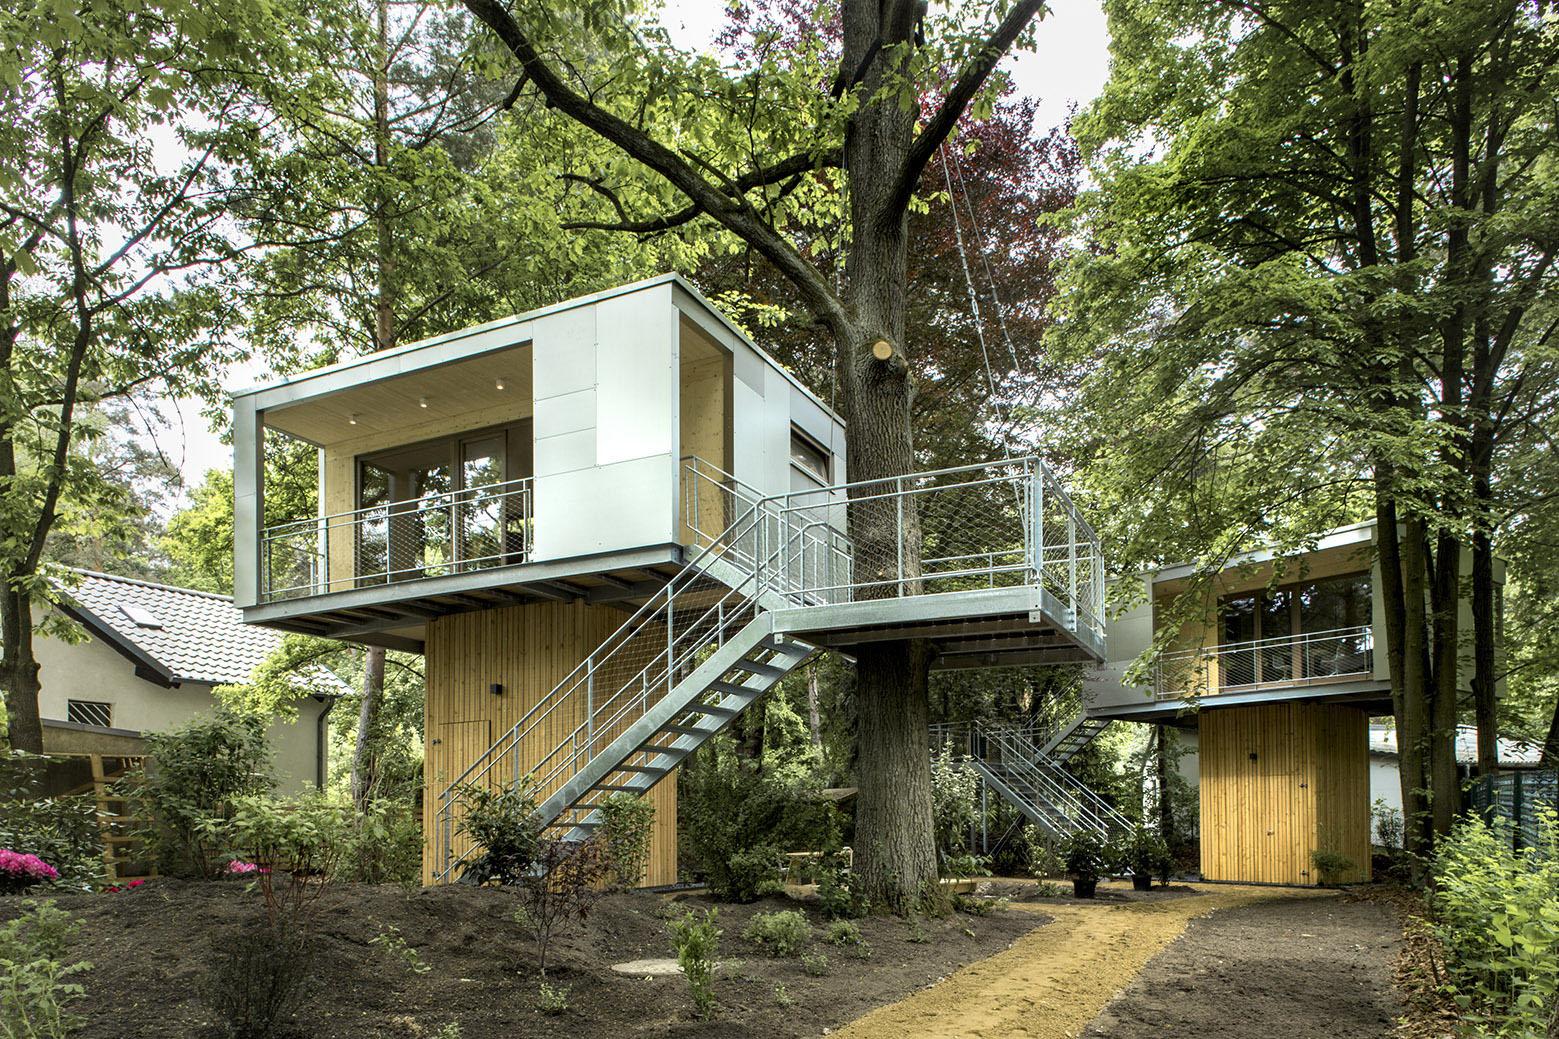 Planos de casas en el rbol modernas e innovadoras - Casitas en el arbol ...